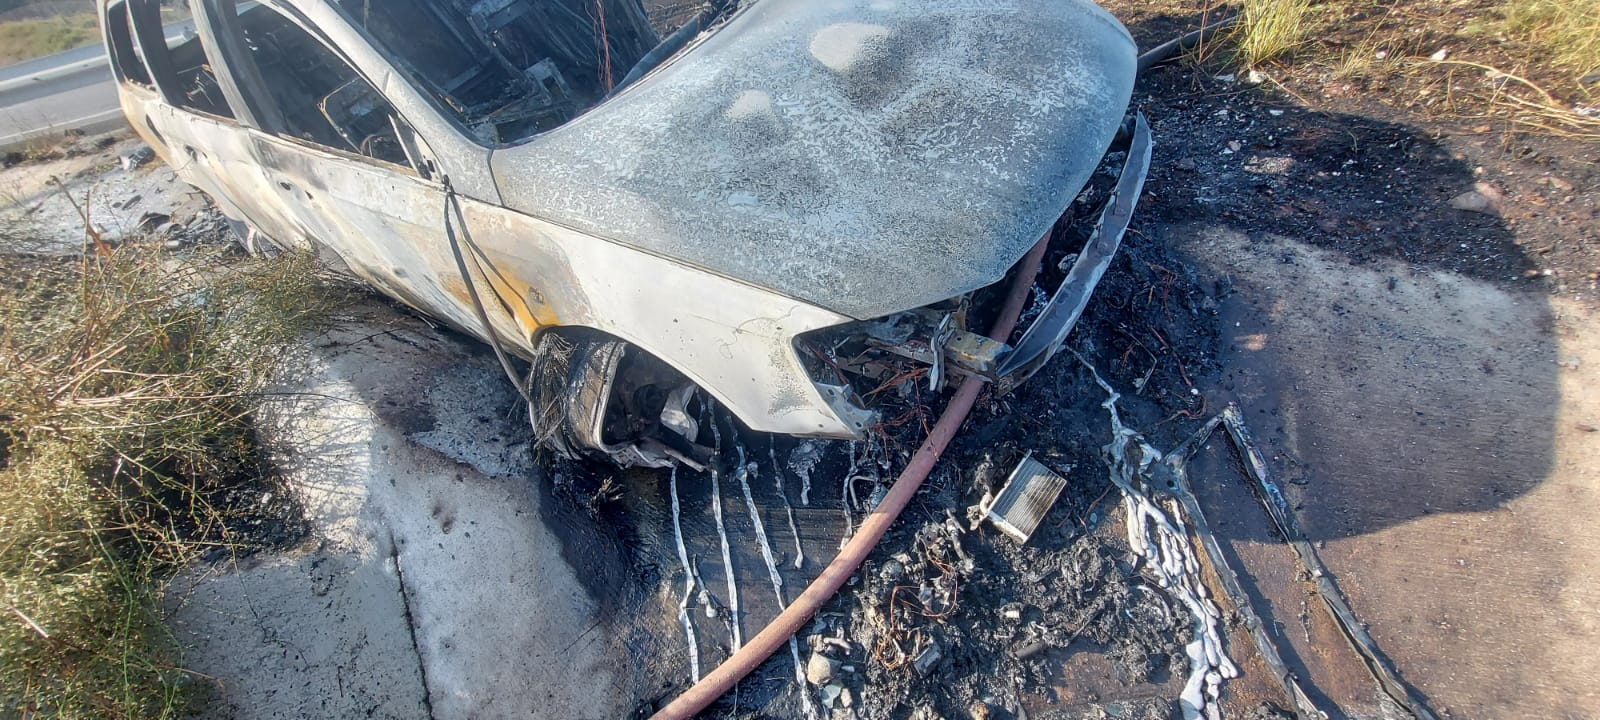 Gebzede Şarampole yuvarlanıp yanan araçtan burnu bile kanamadan çıktı